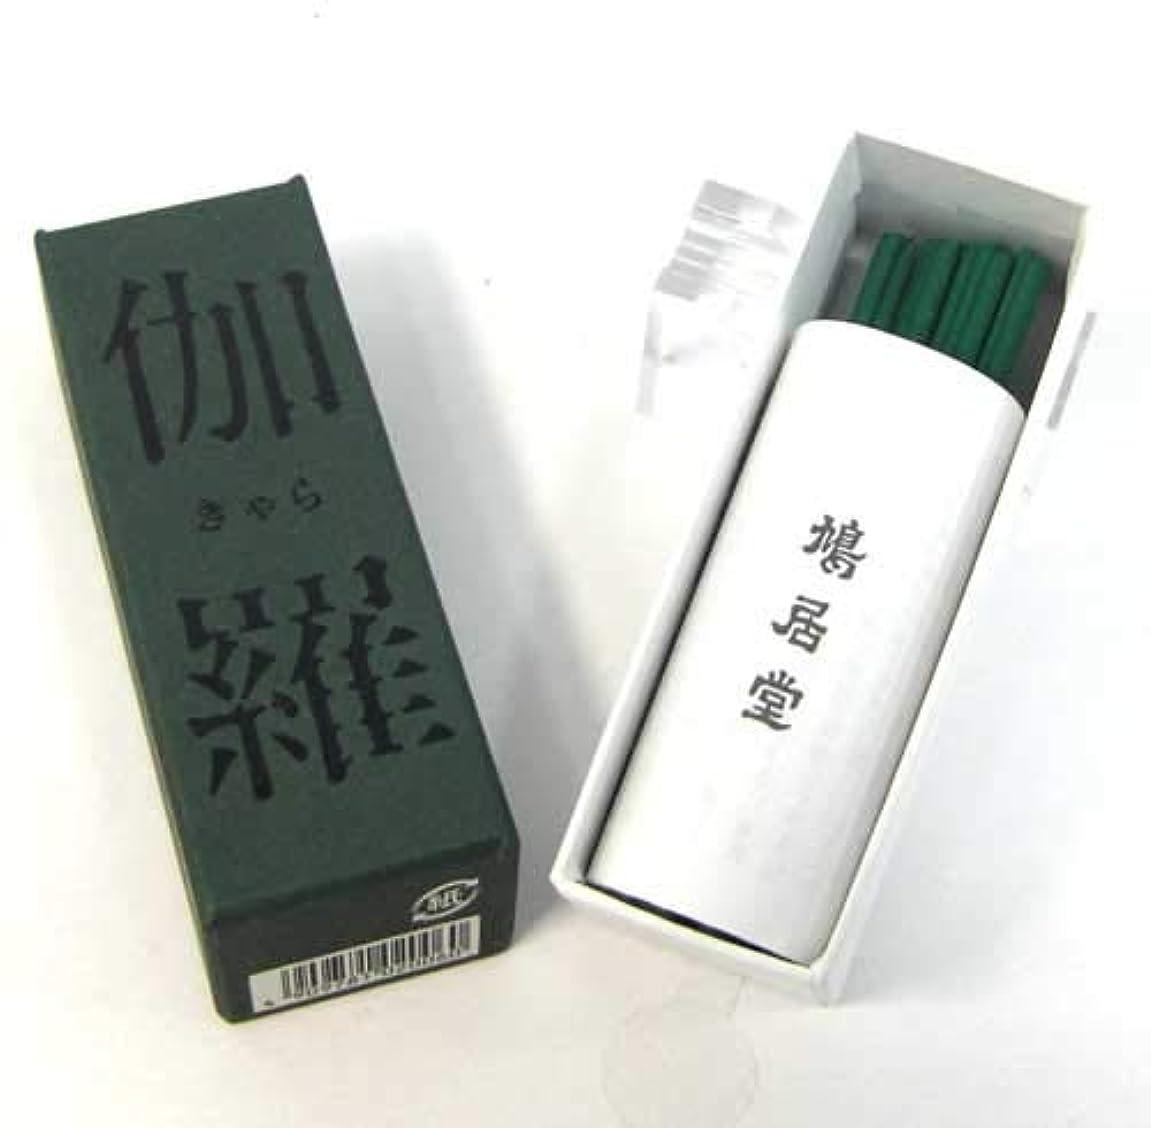 ラショナル酸度地域鳩居堂 お香 伽羅/きゃら 香木の香りシリーズ スティックタイプ(棒状香)20本いり